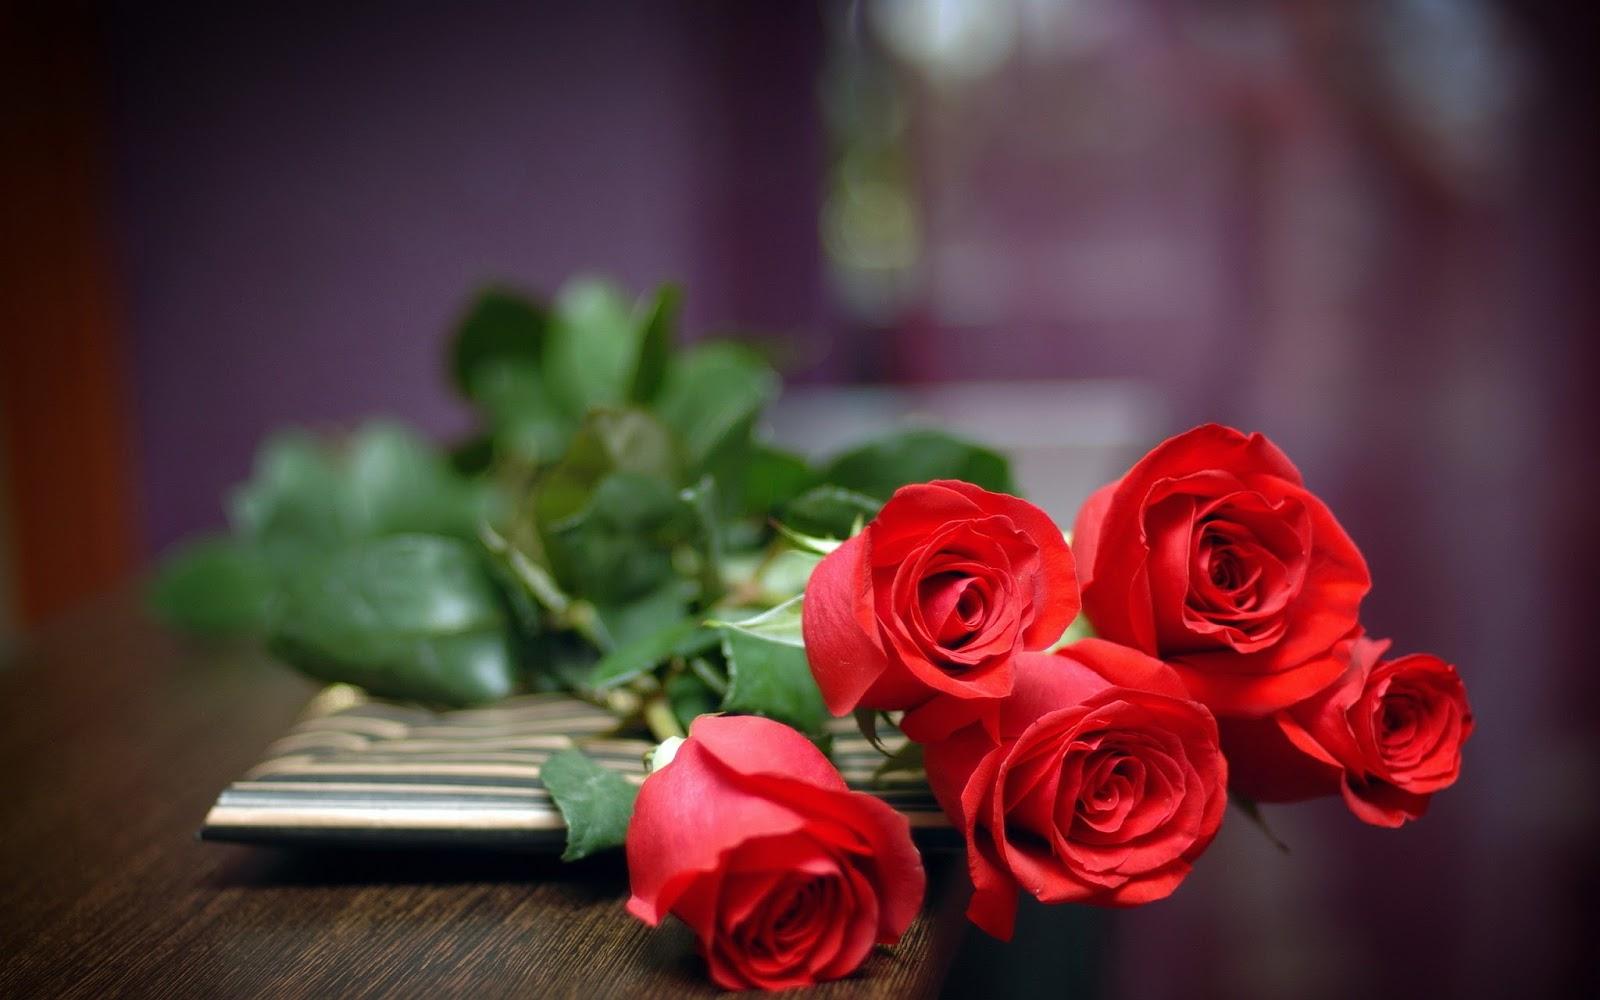 أجمل صور الورود والزهور ملونة